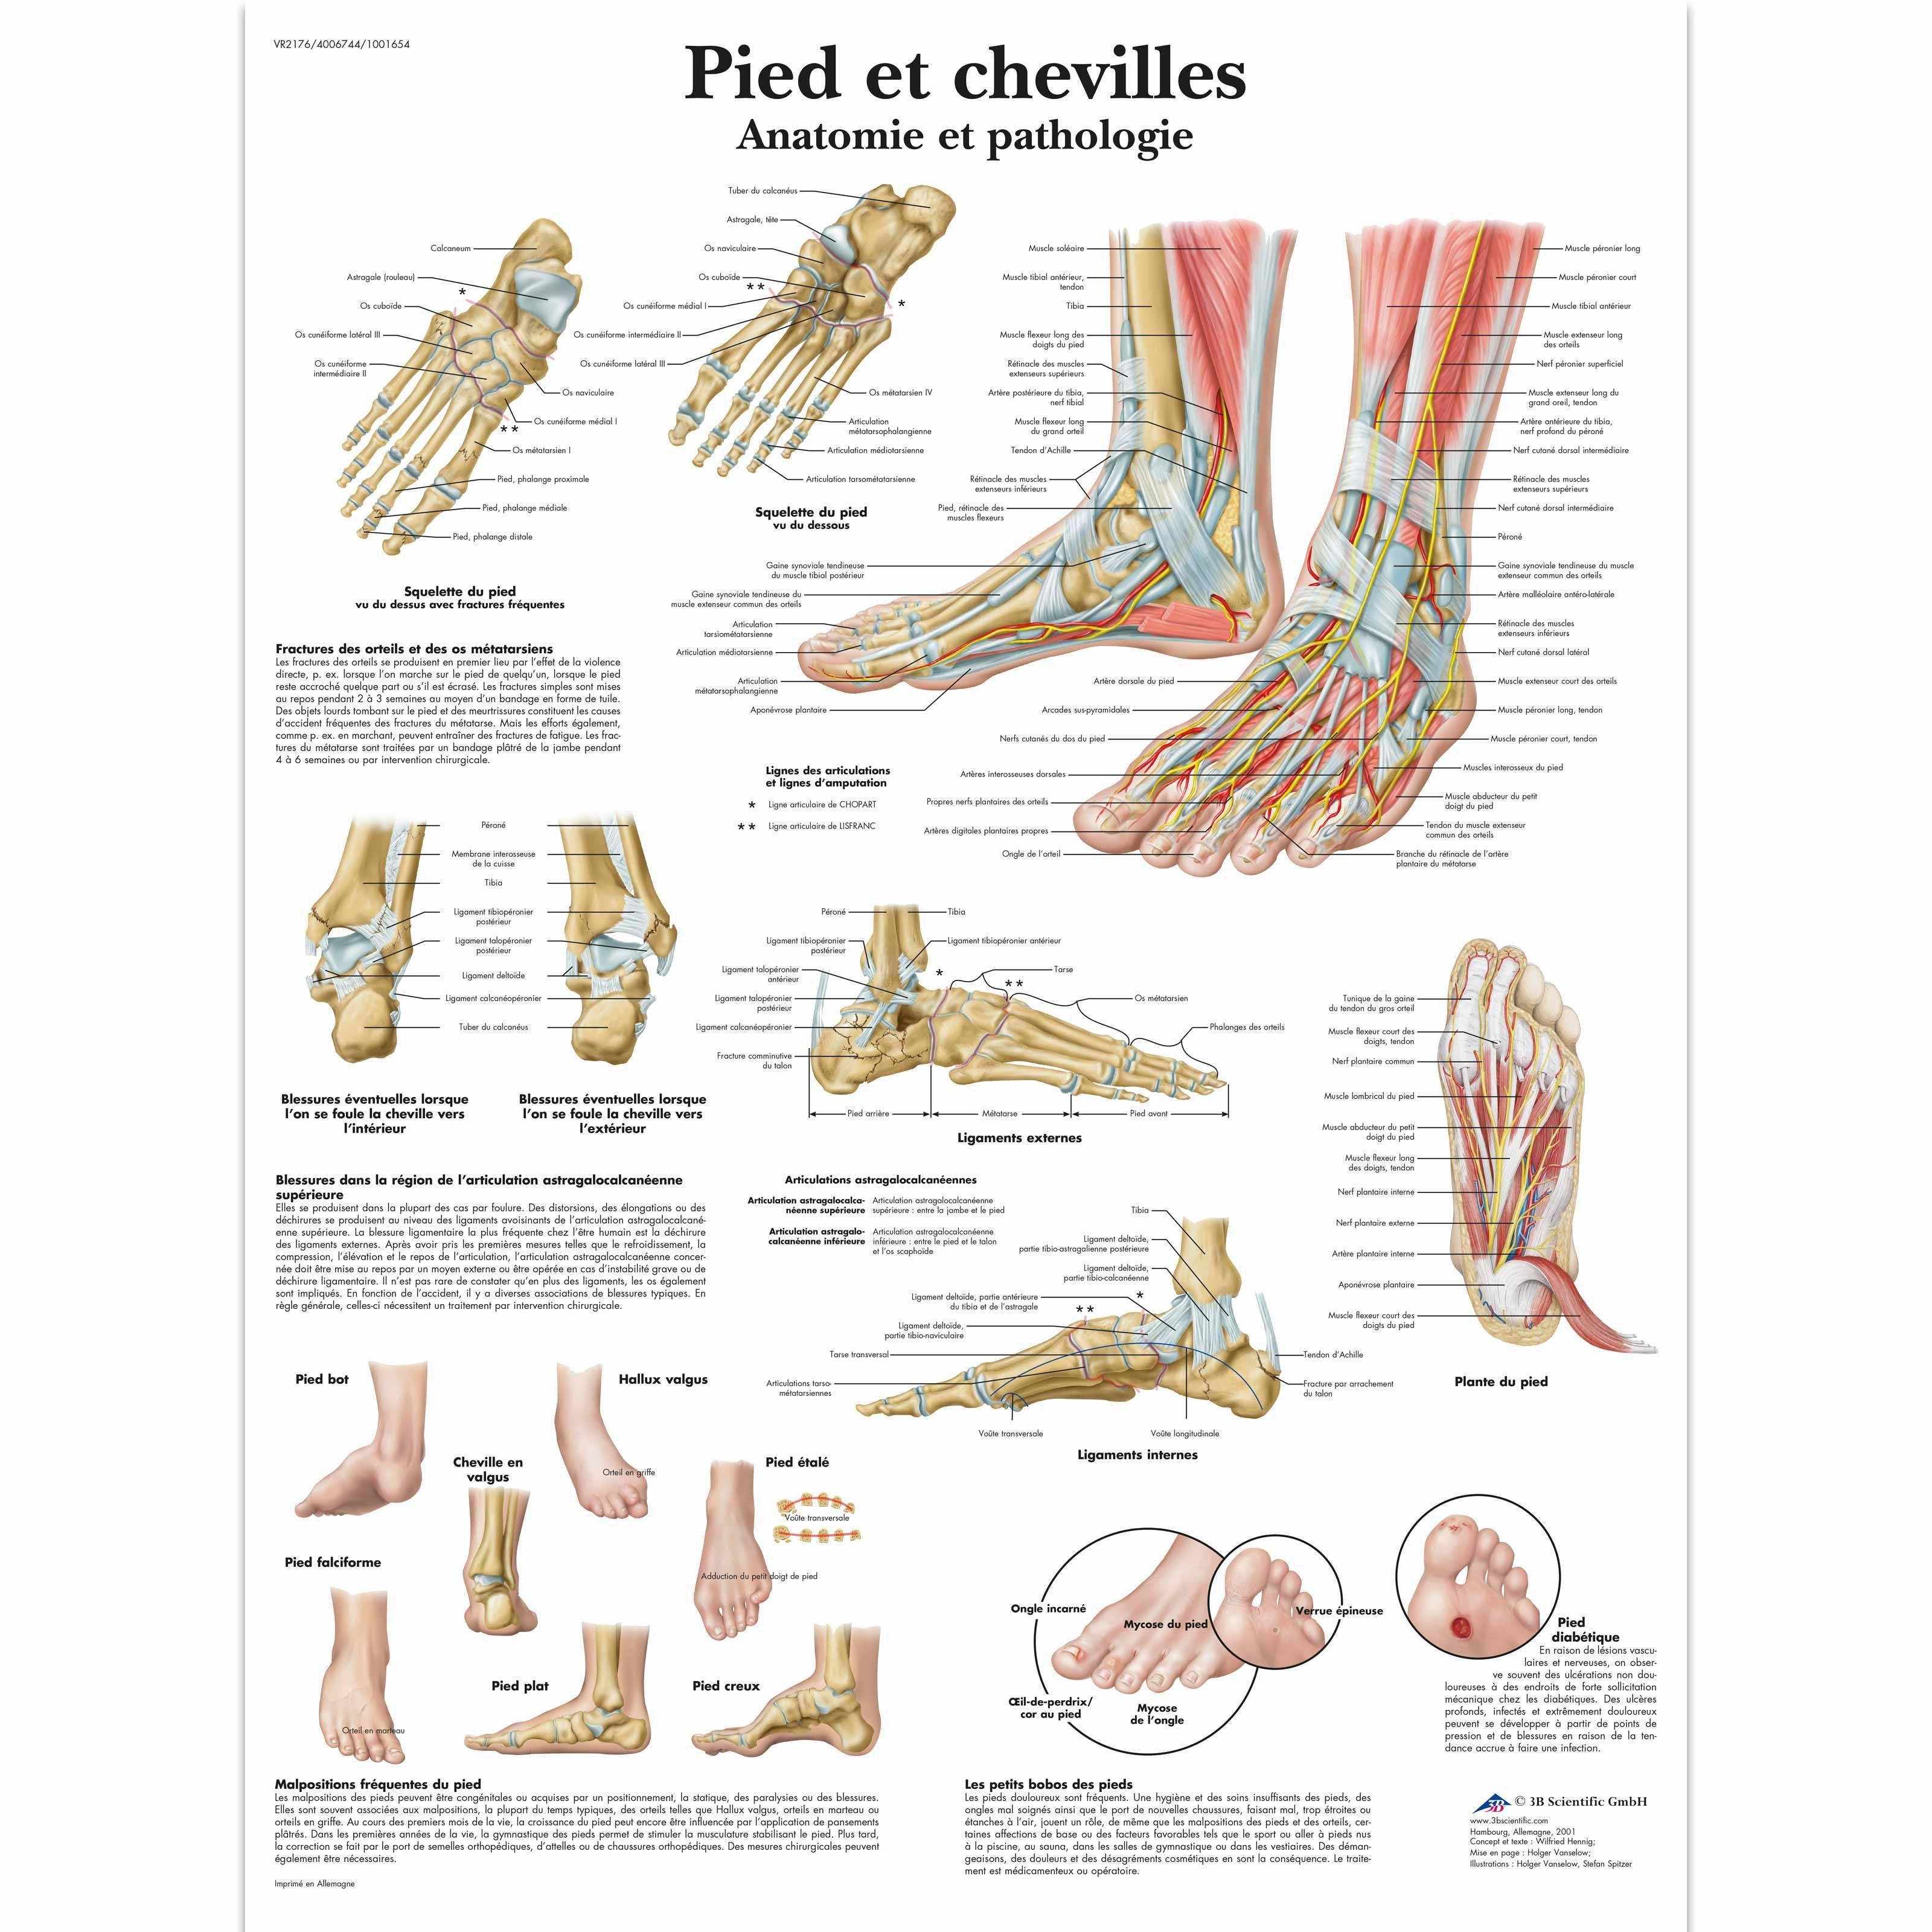 VR2176L_01_3200_3200_Pied-et-chevilles-Anatomie-et-pathologie.jpg ...